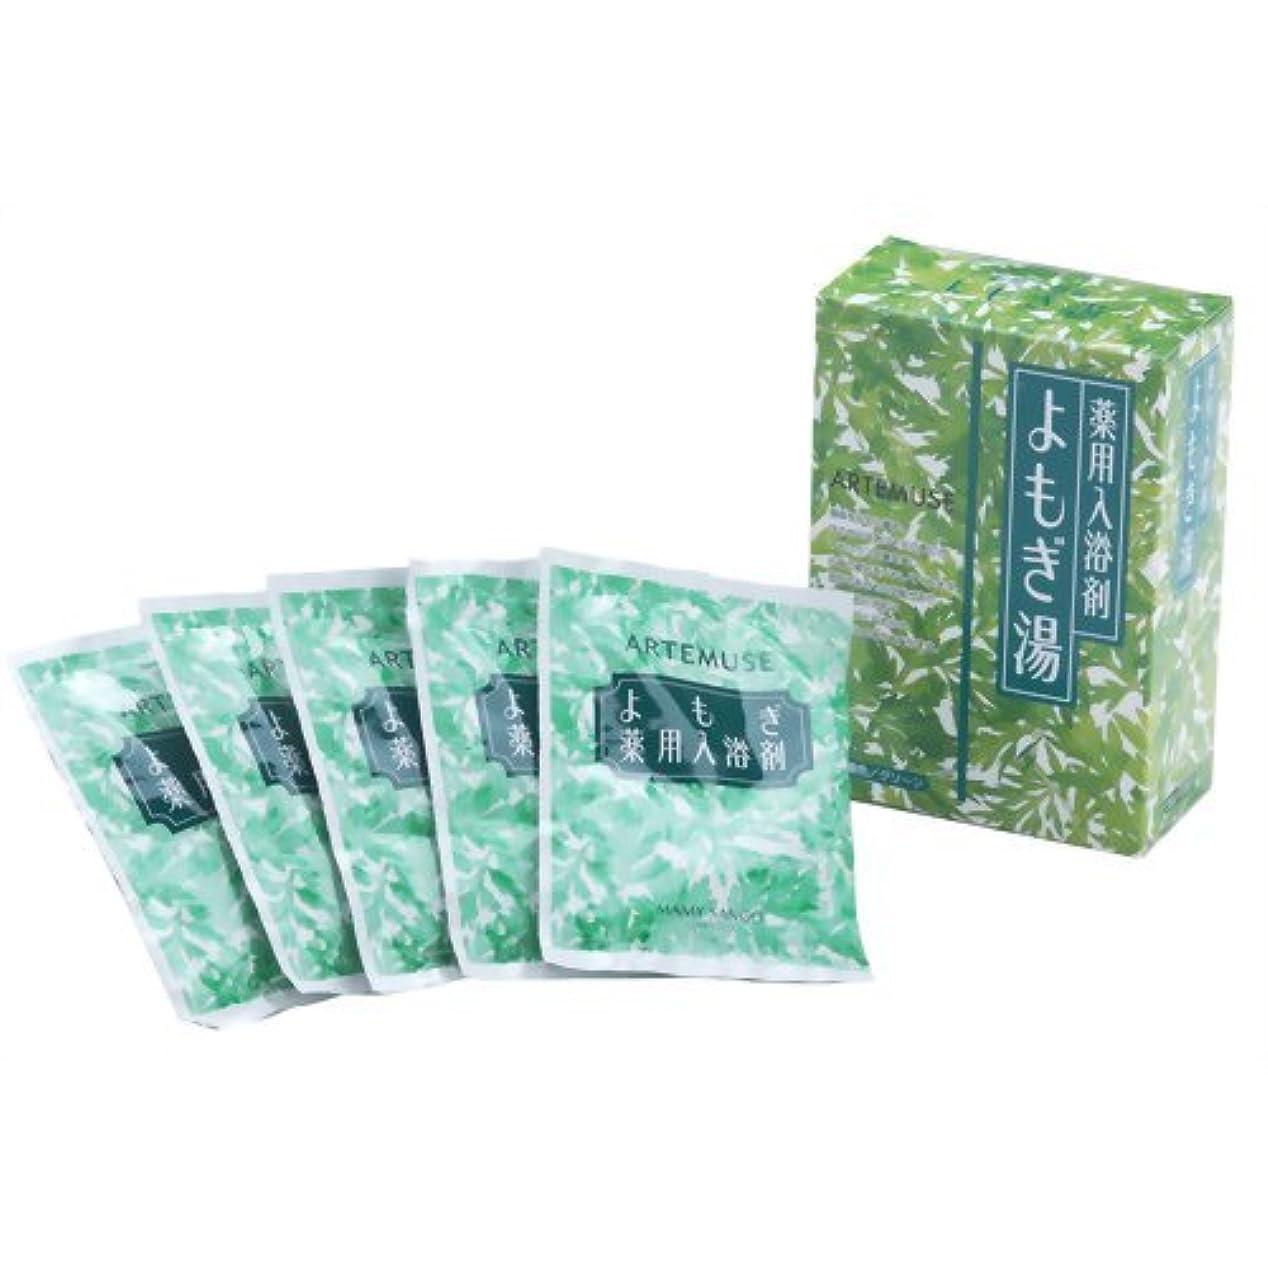 あからさまステープル模索三興物産 よもぎ薬用シリーズ よもぎ薬用入浴剤 (分包) 30g×5包入